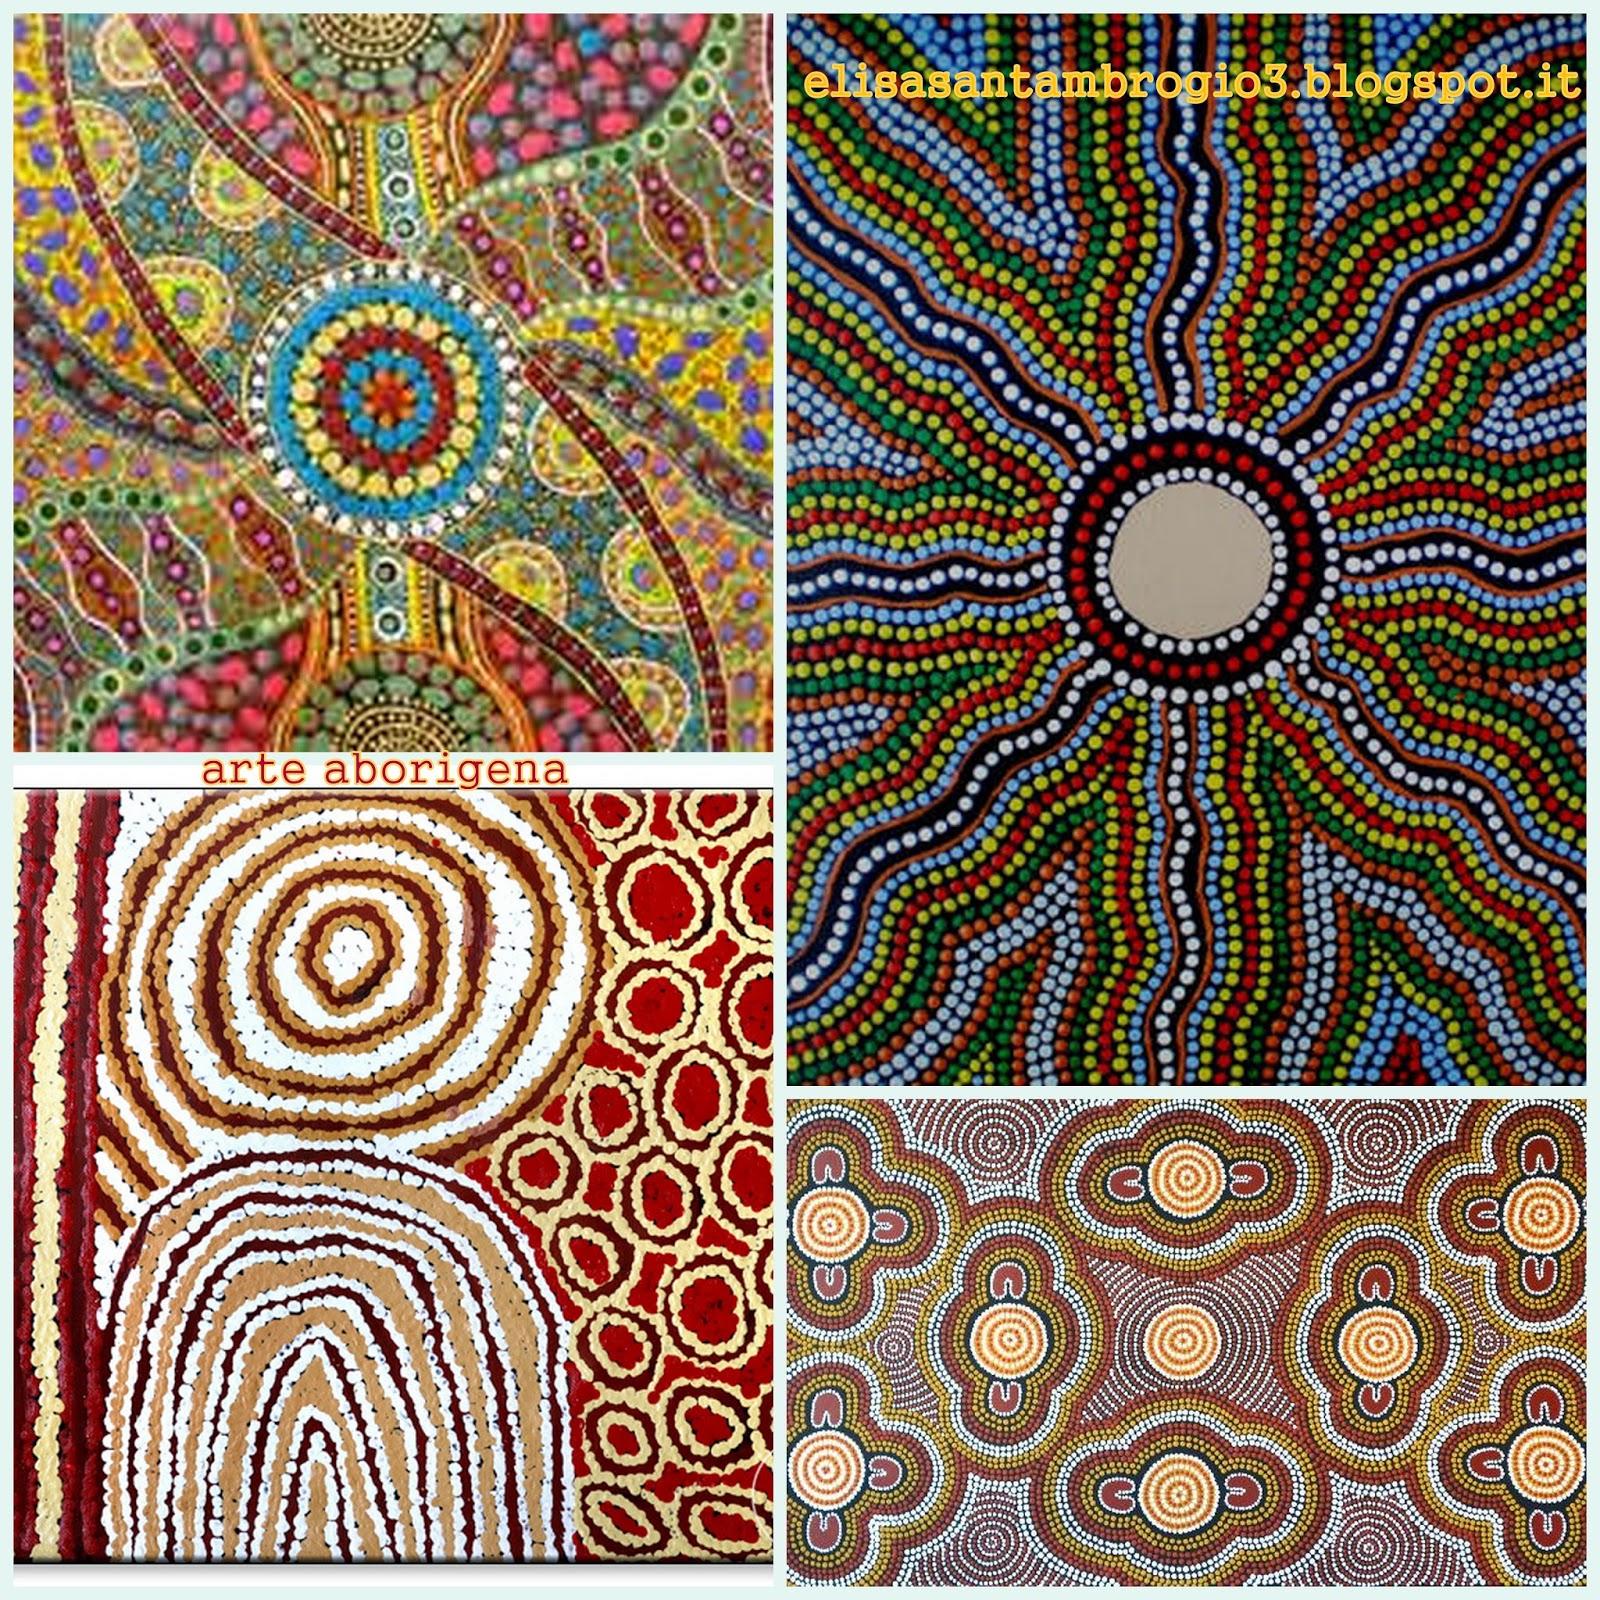 Immagin rti ottobre 2014 for Arte aborigena